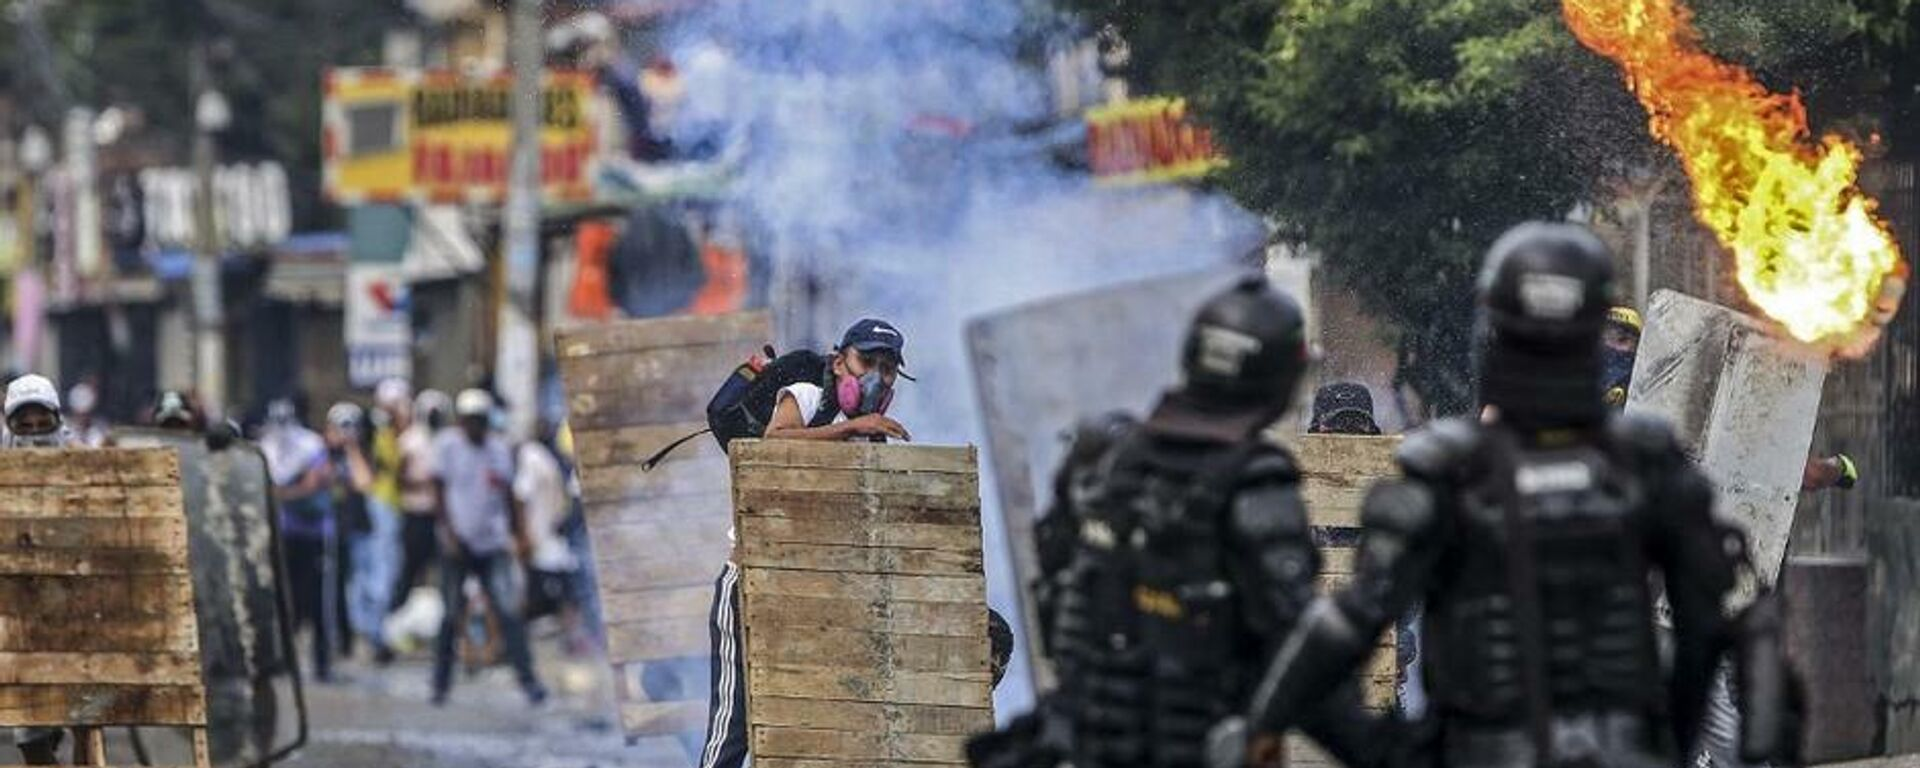 Disturbios contra la reforma tributaria en Cali (Colombia), el 29 de abril del 2021 - Sputnik Mundo, 1920, 30.05.2021